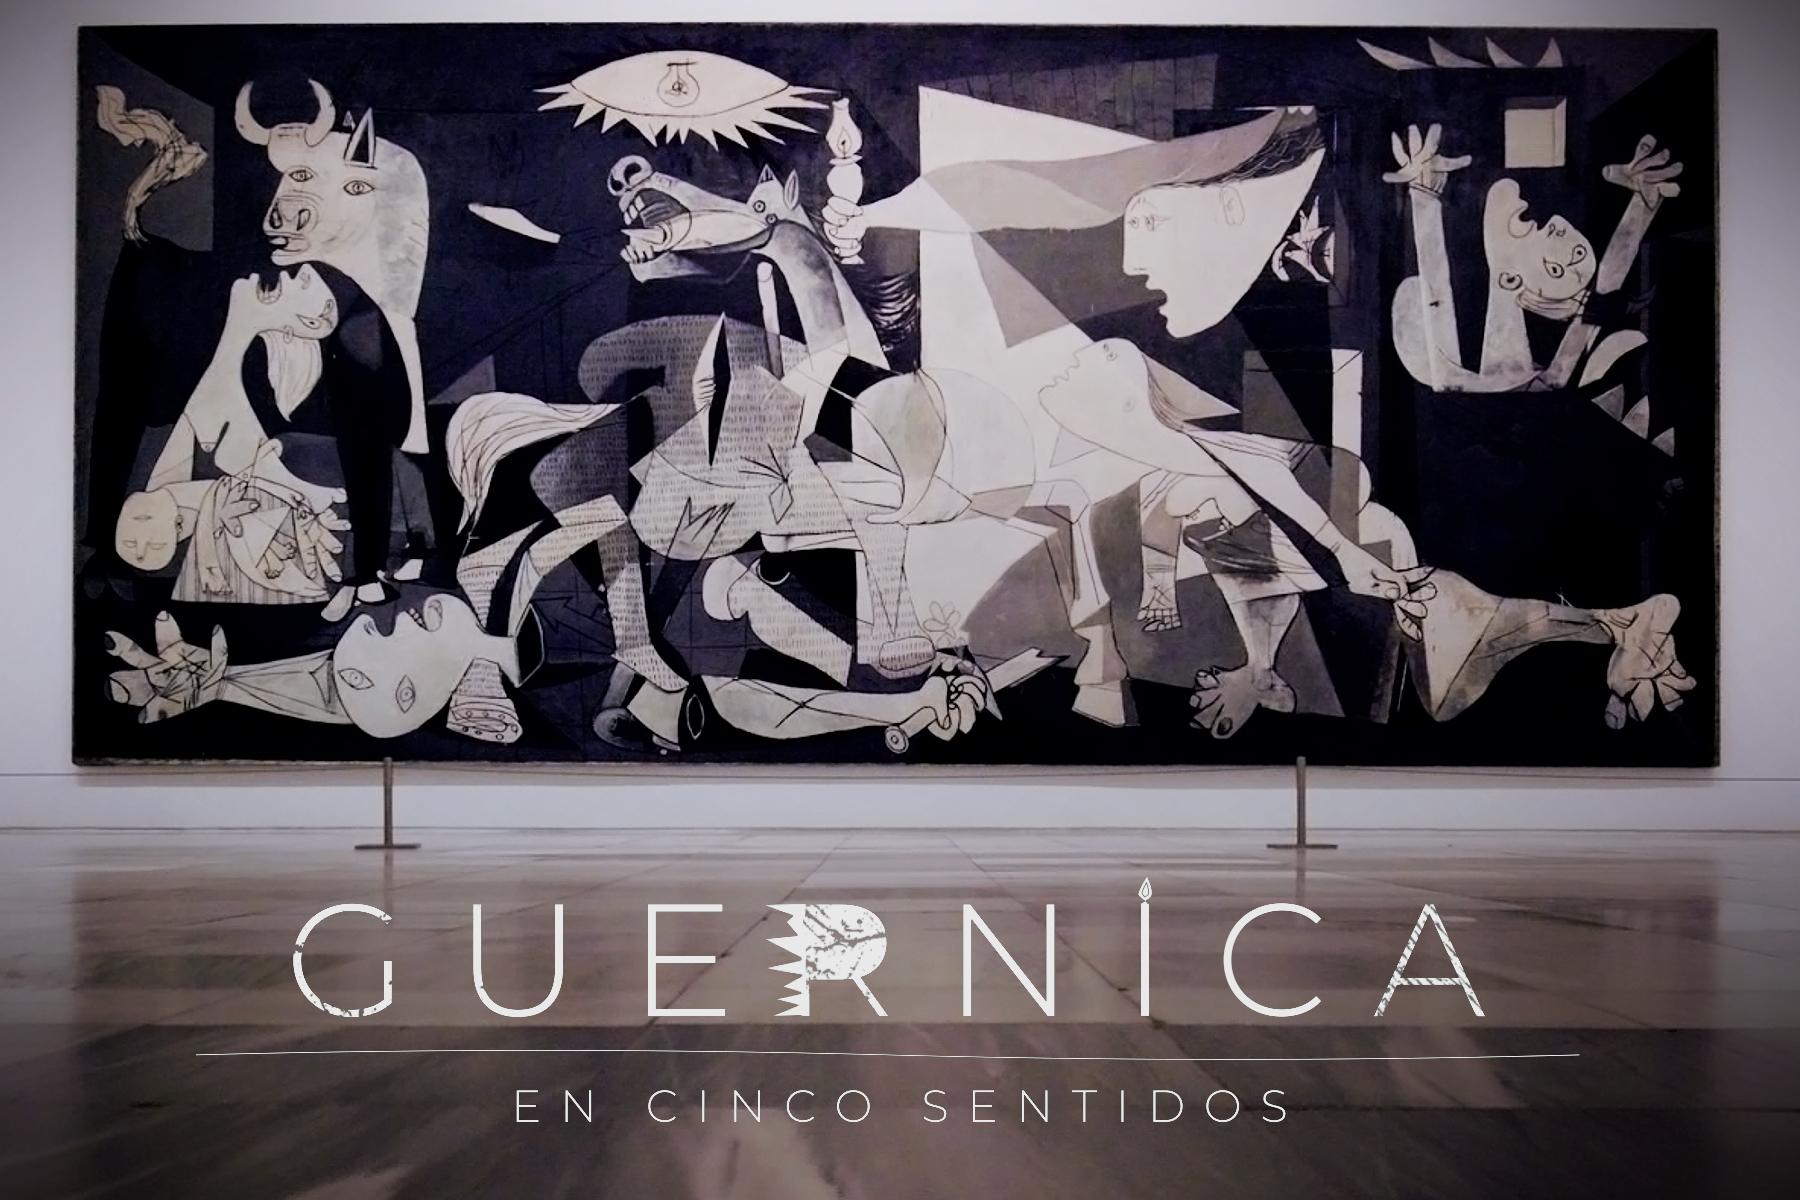 El Guernica en cinco sentidos